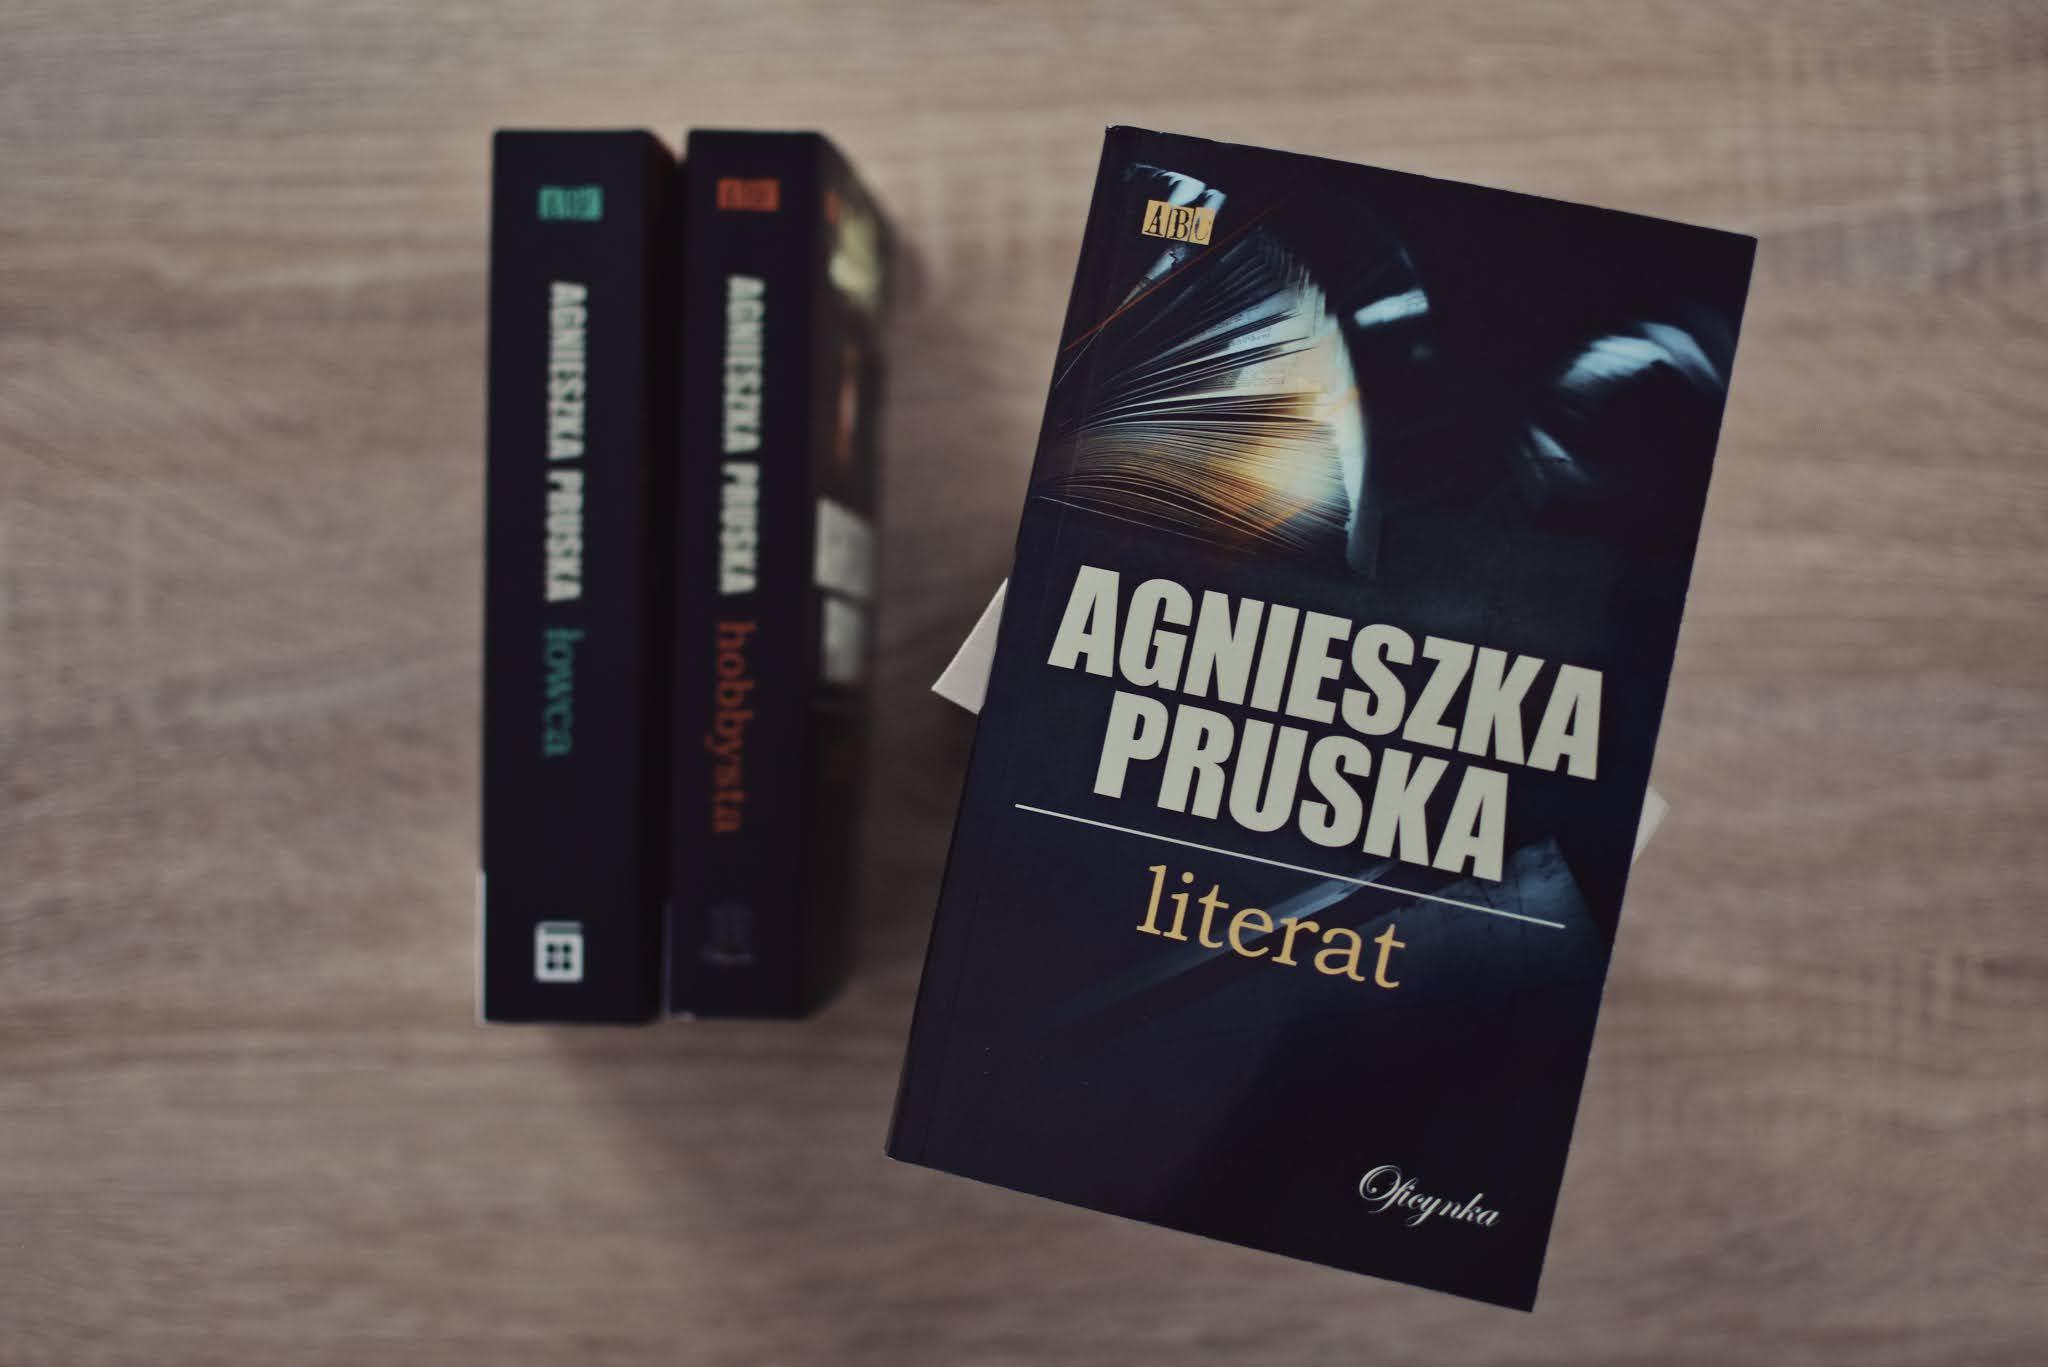 WydawnictwoOficynka,BarnabaUszkier,recenzja,Łowca,opowiadanie,AgnieszkaPruska,seriakryminalna,kryminał,Literat,